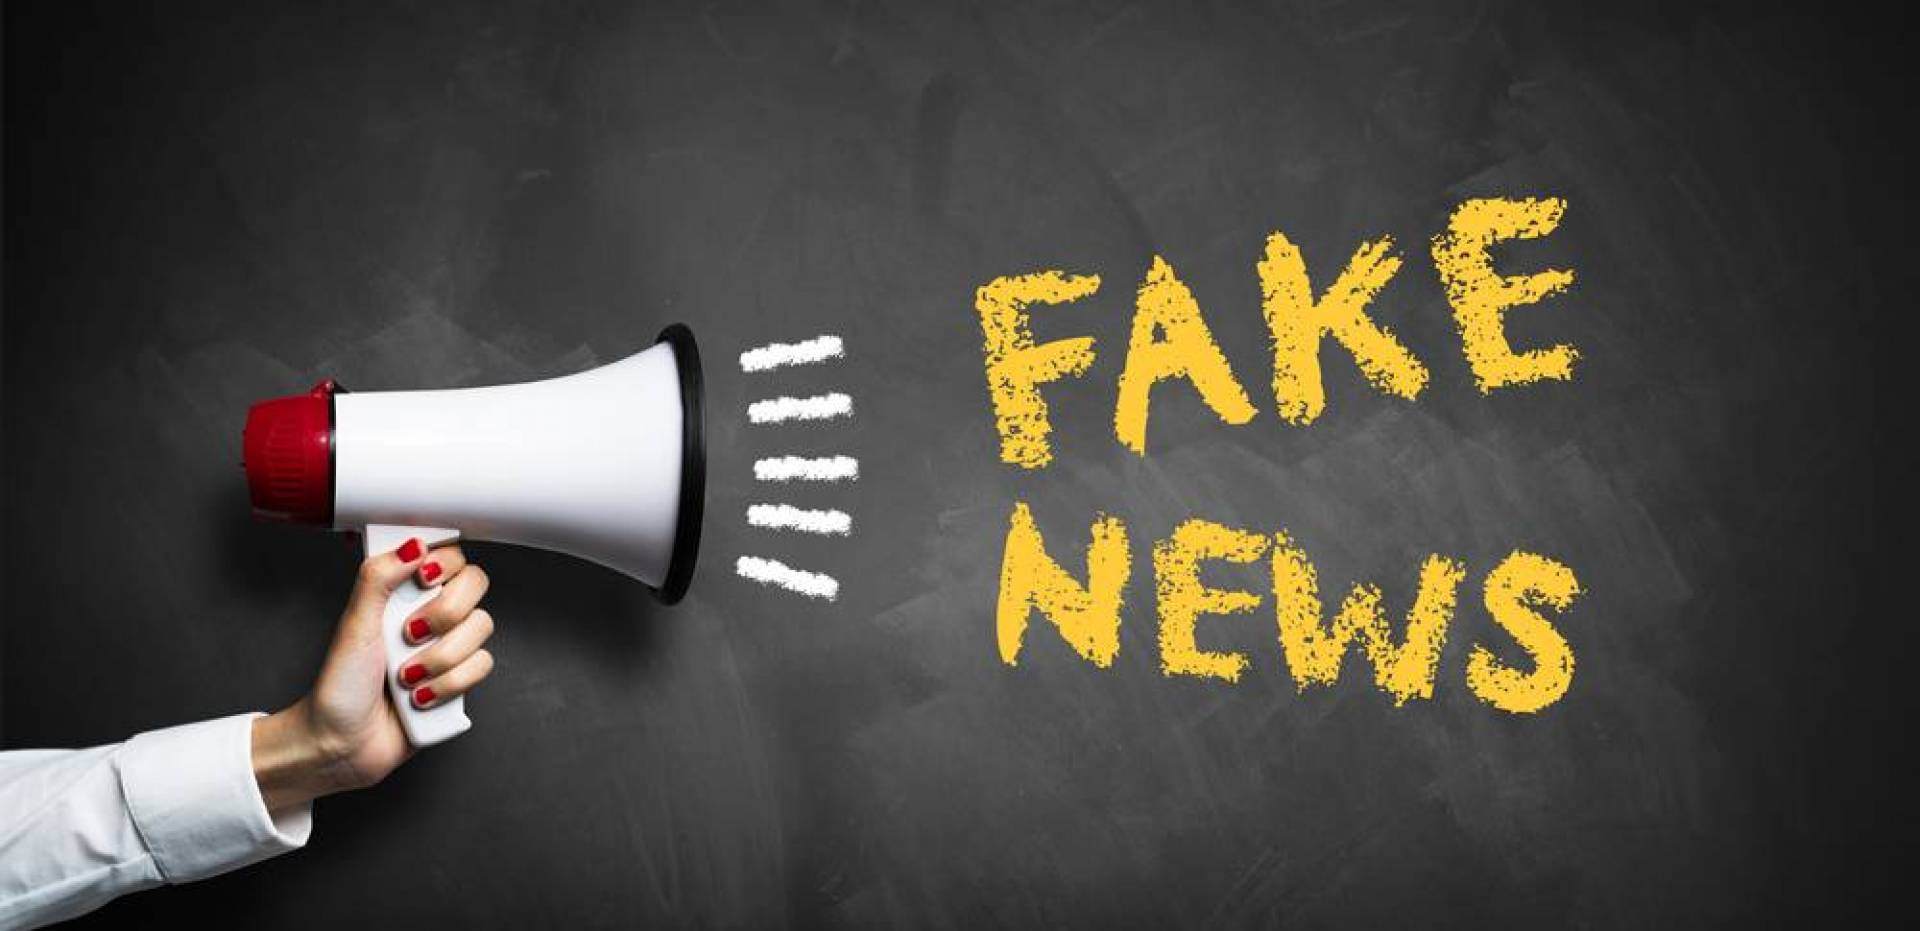 دراسة: الأخبار الكاذبة تزيد من خطر انتشار الأمراض